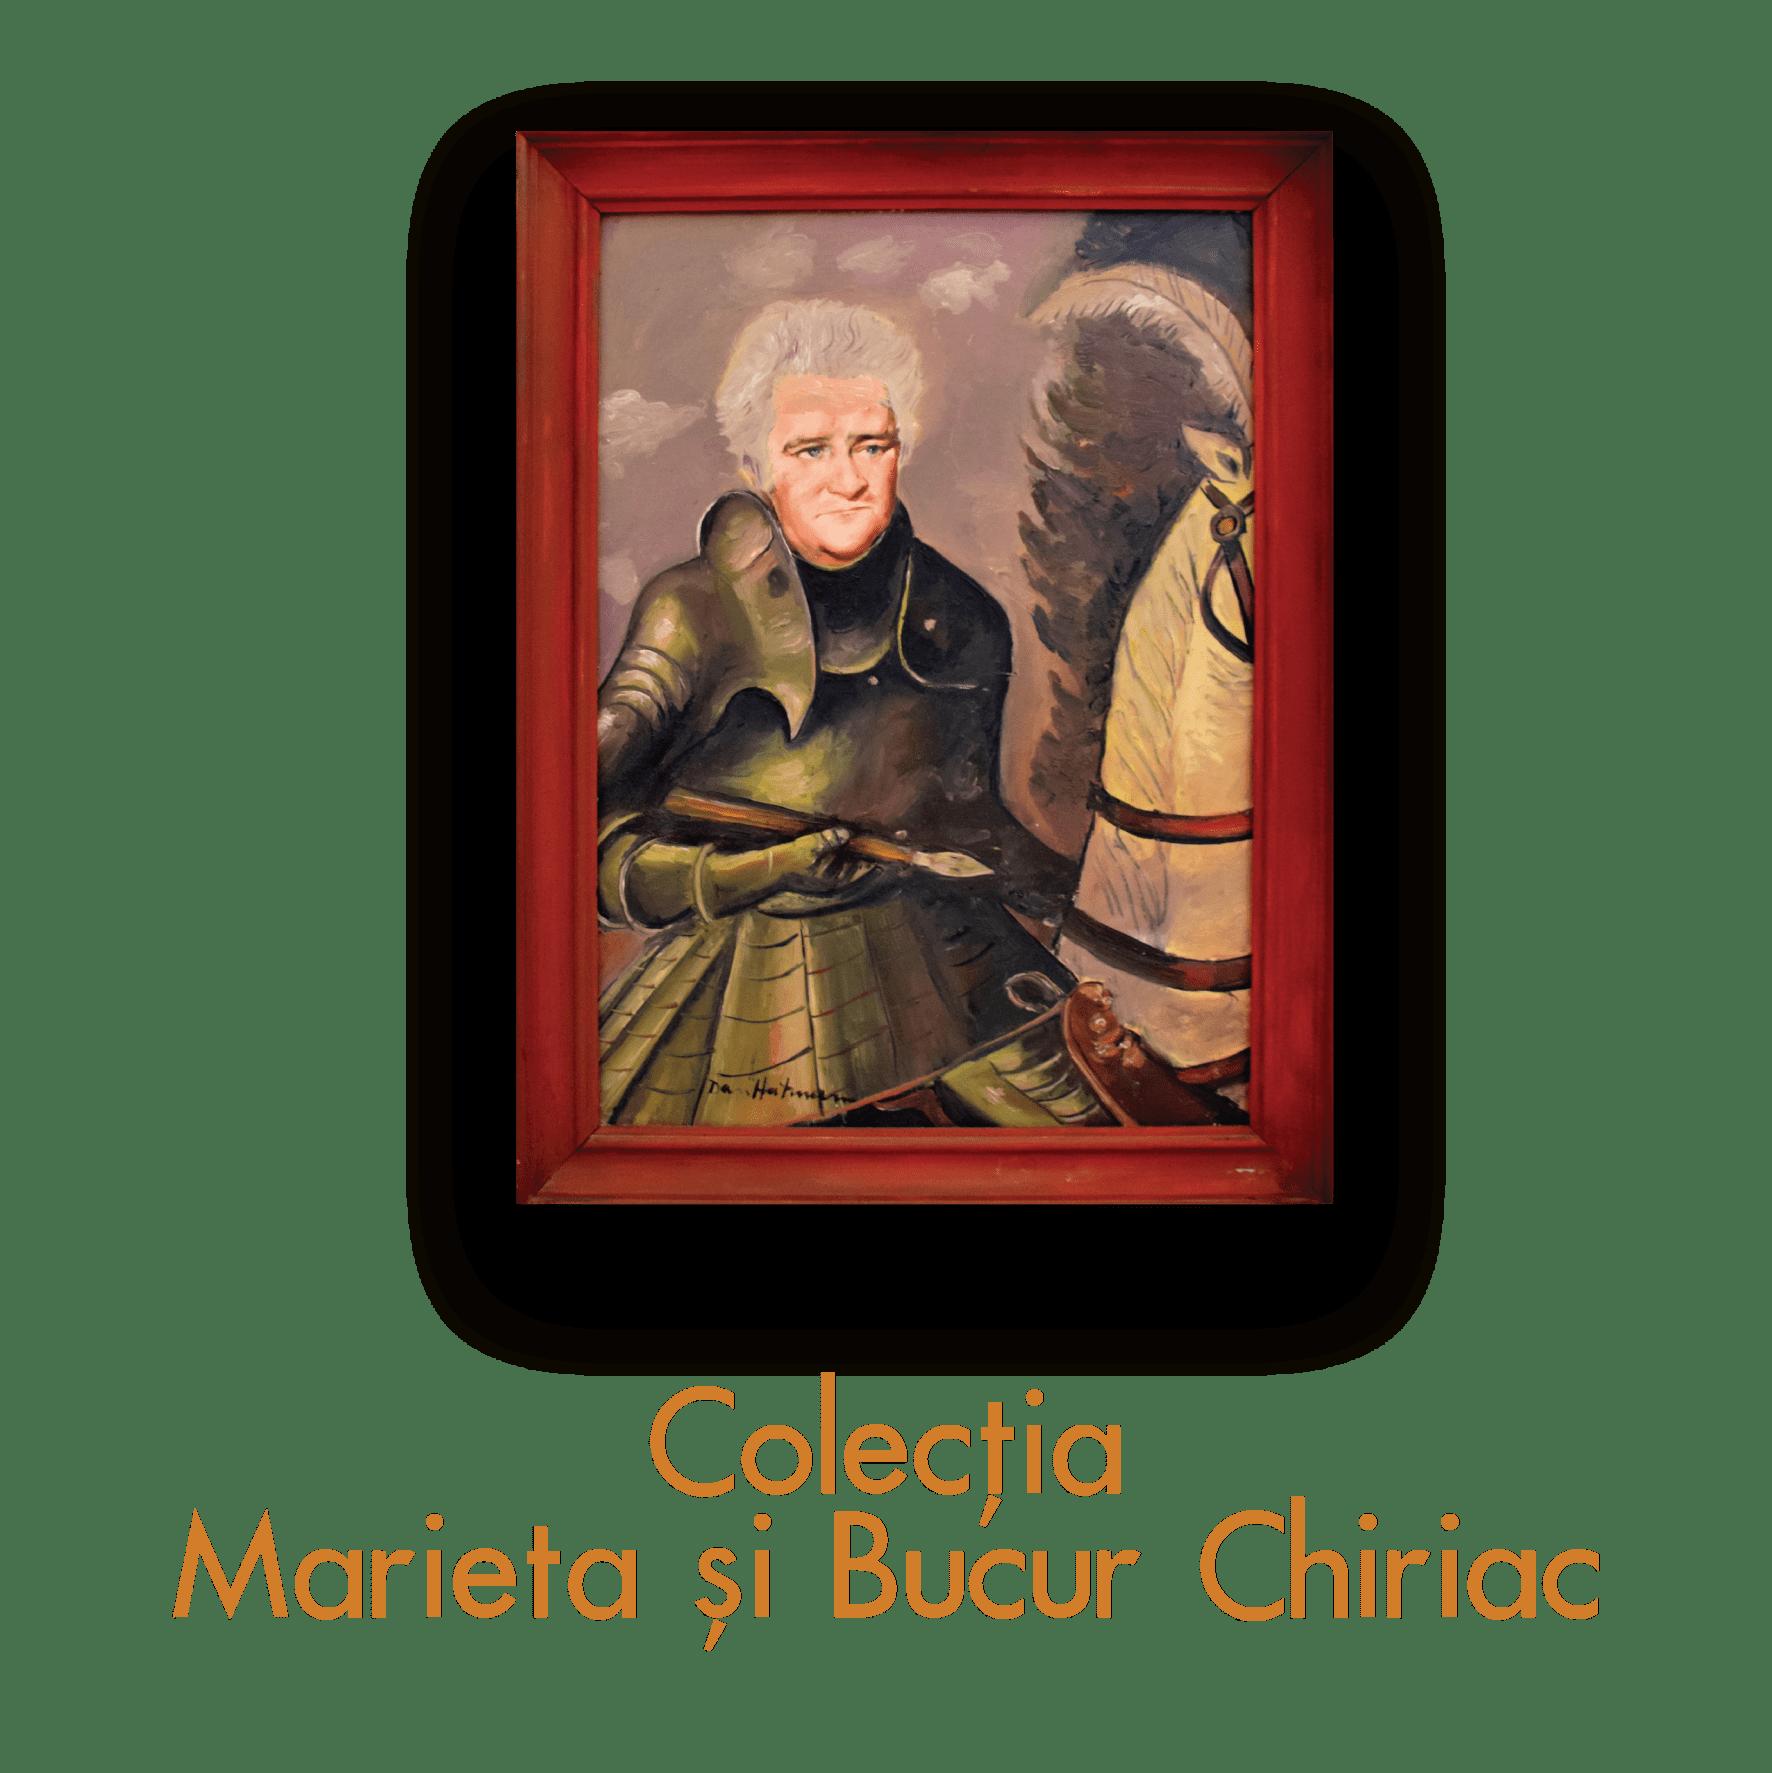 Colectia Marieta si Bucur Chiriacnet-min